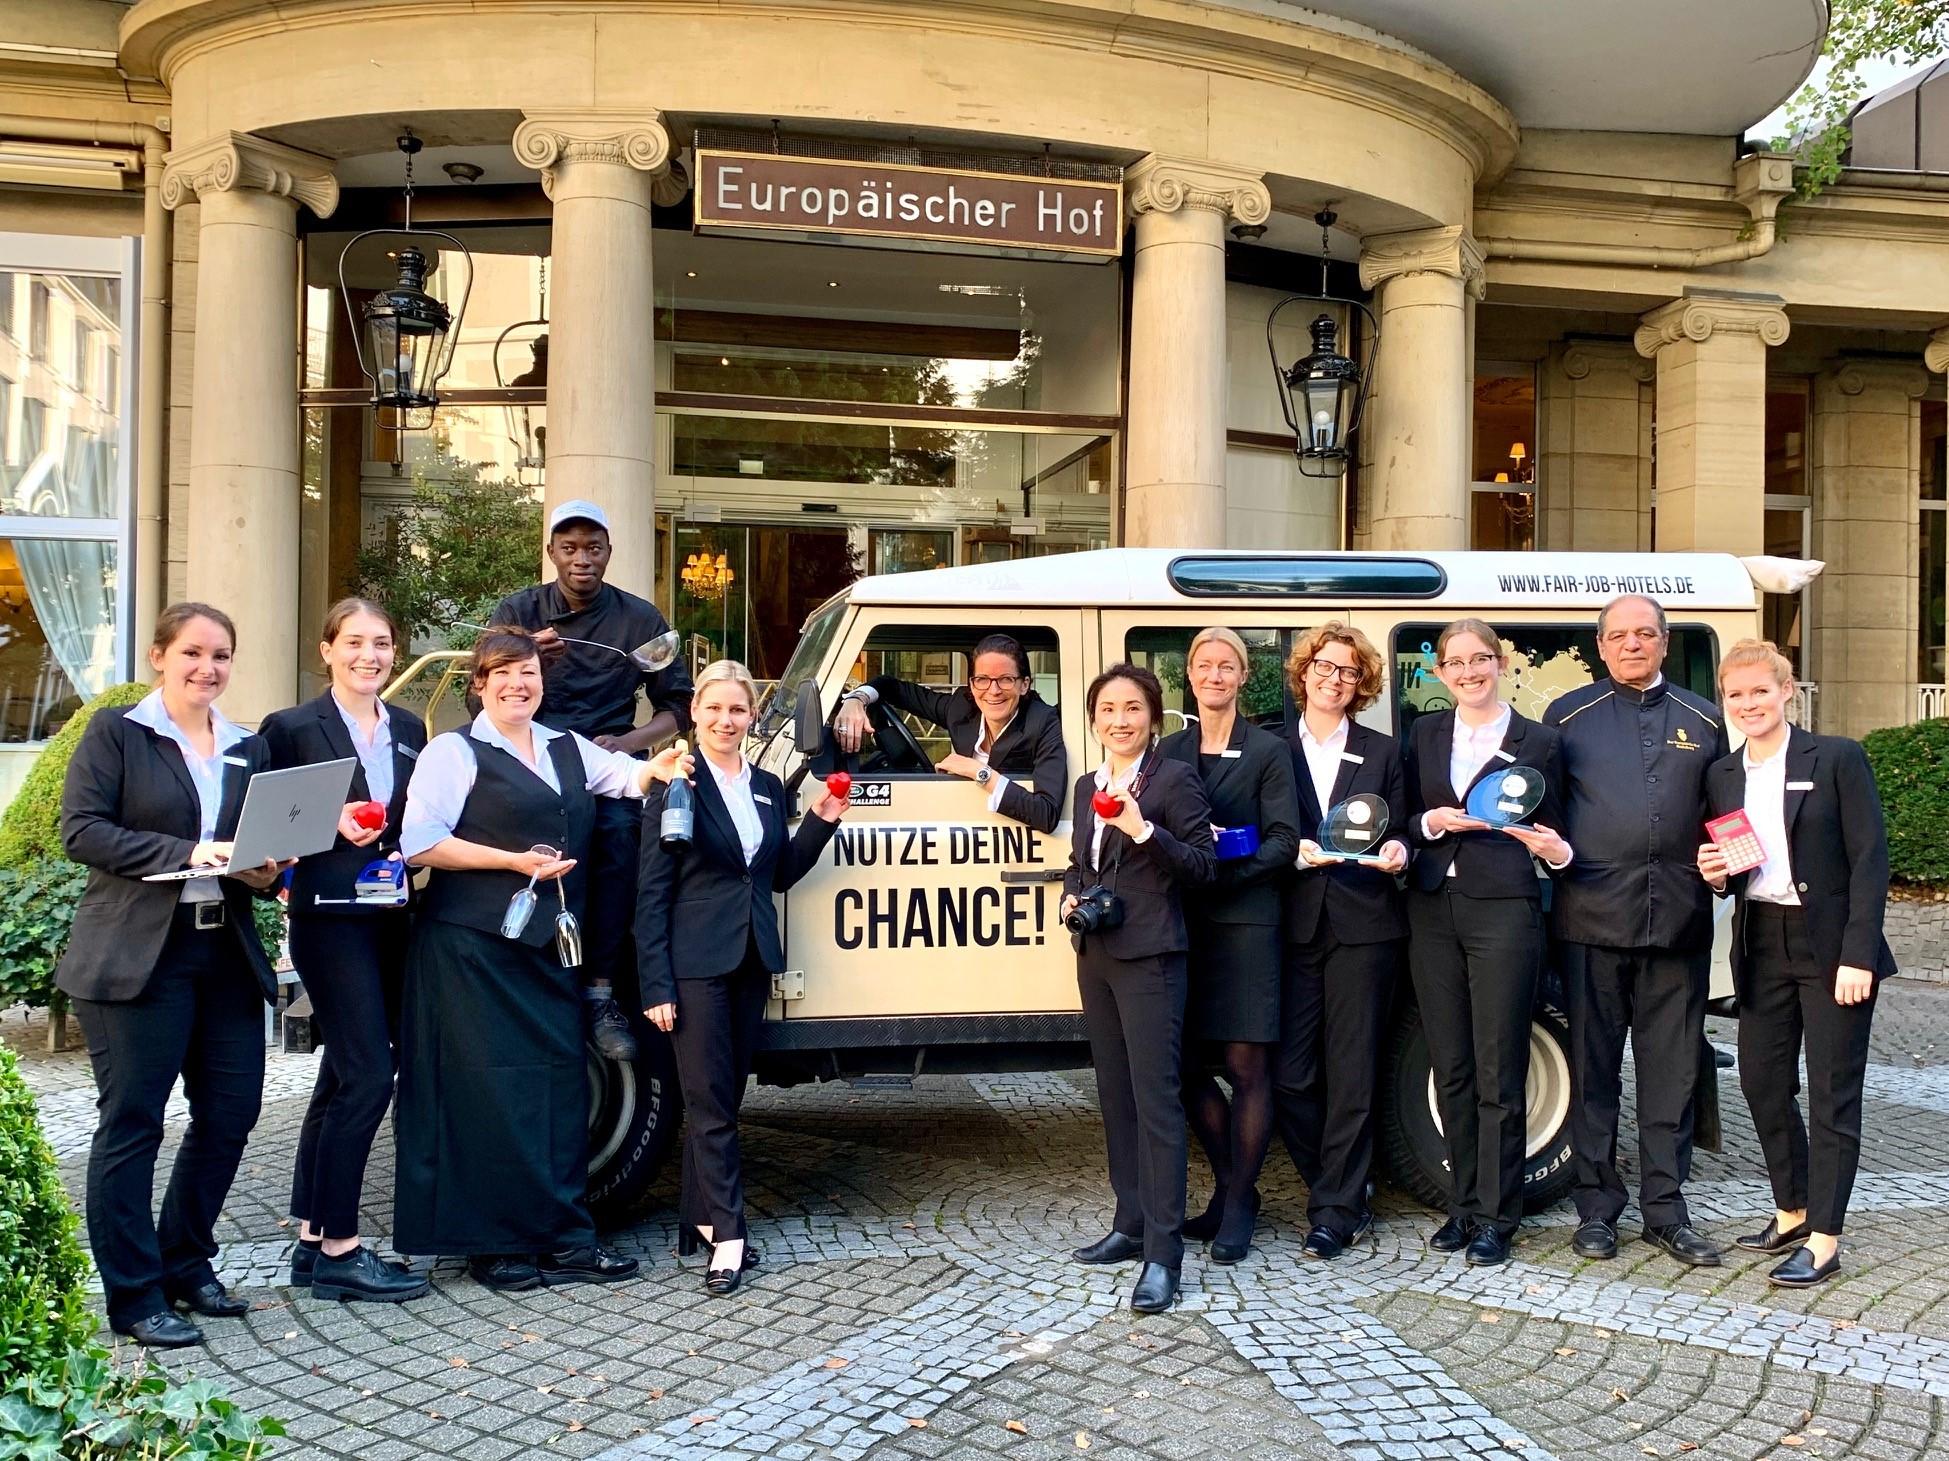 Mitarbeiter mit dem Fair Job Trophy ©Europäischer Hof Hotel Europa Heidelberg GmbH